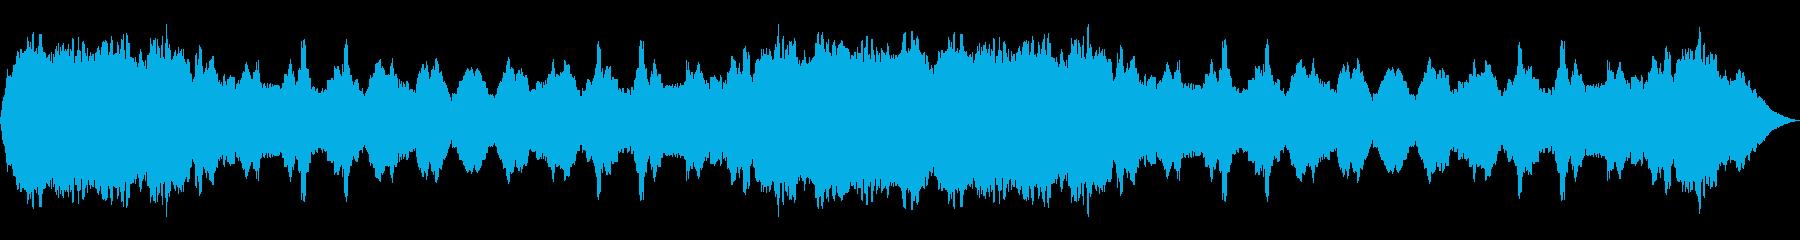 変調電子ドローン、SCI FI宇宙...の再生済みの波形